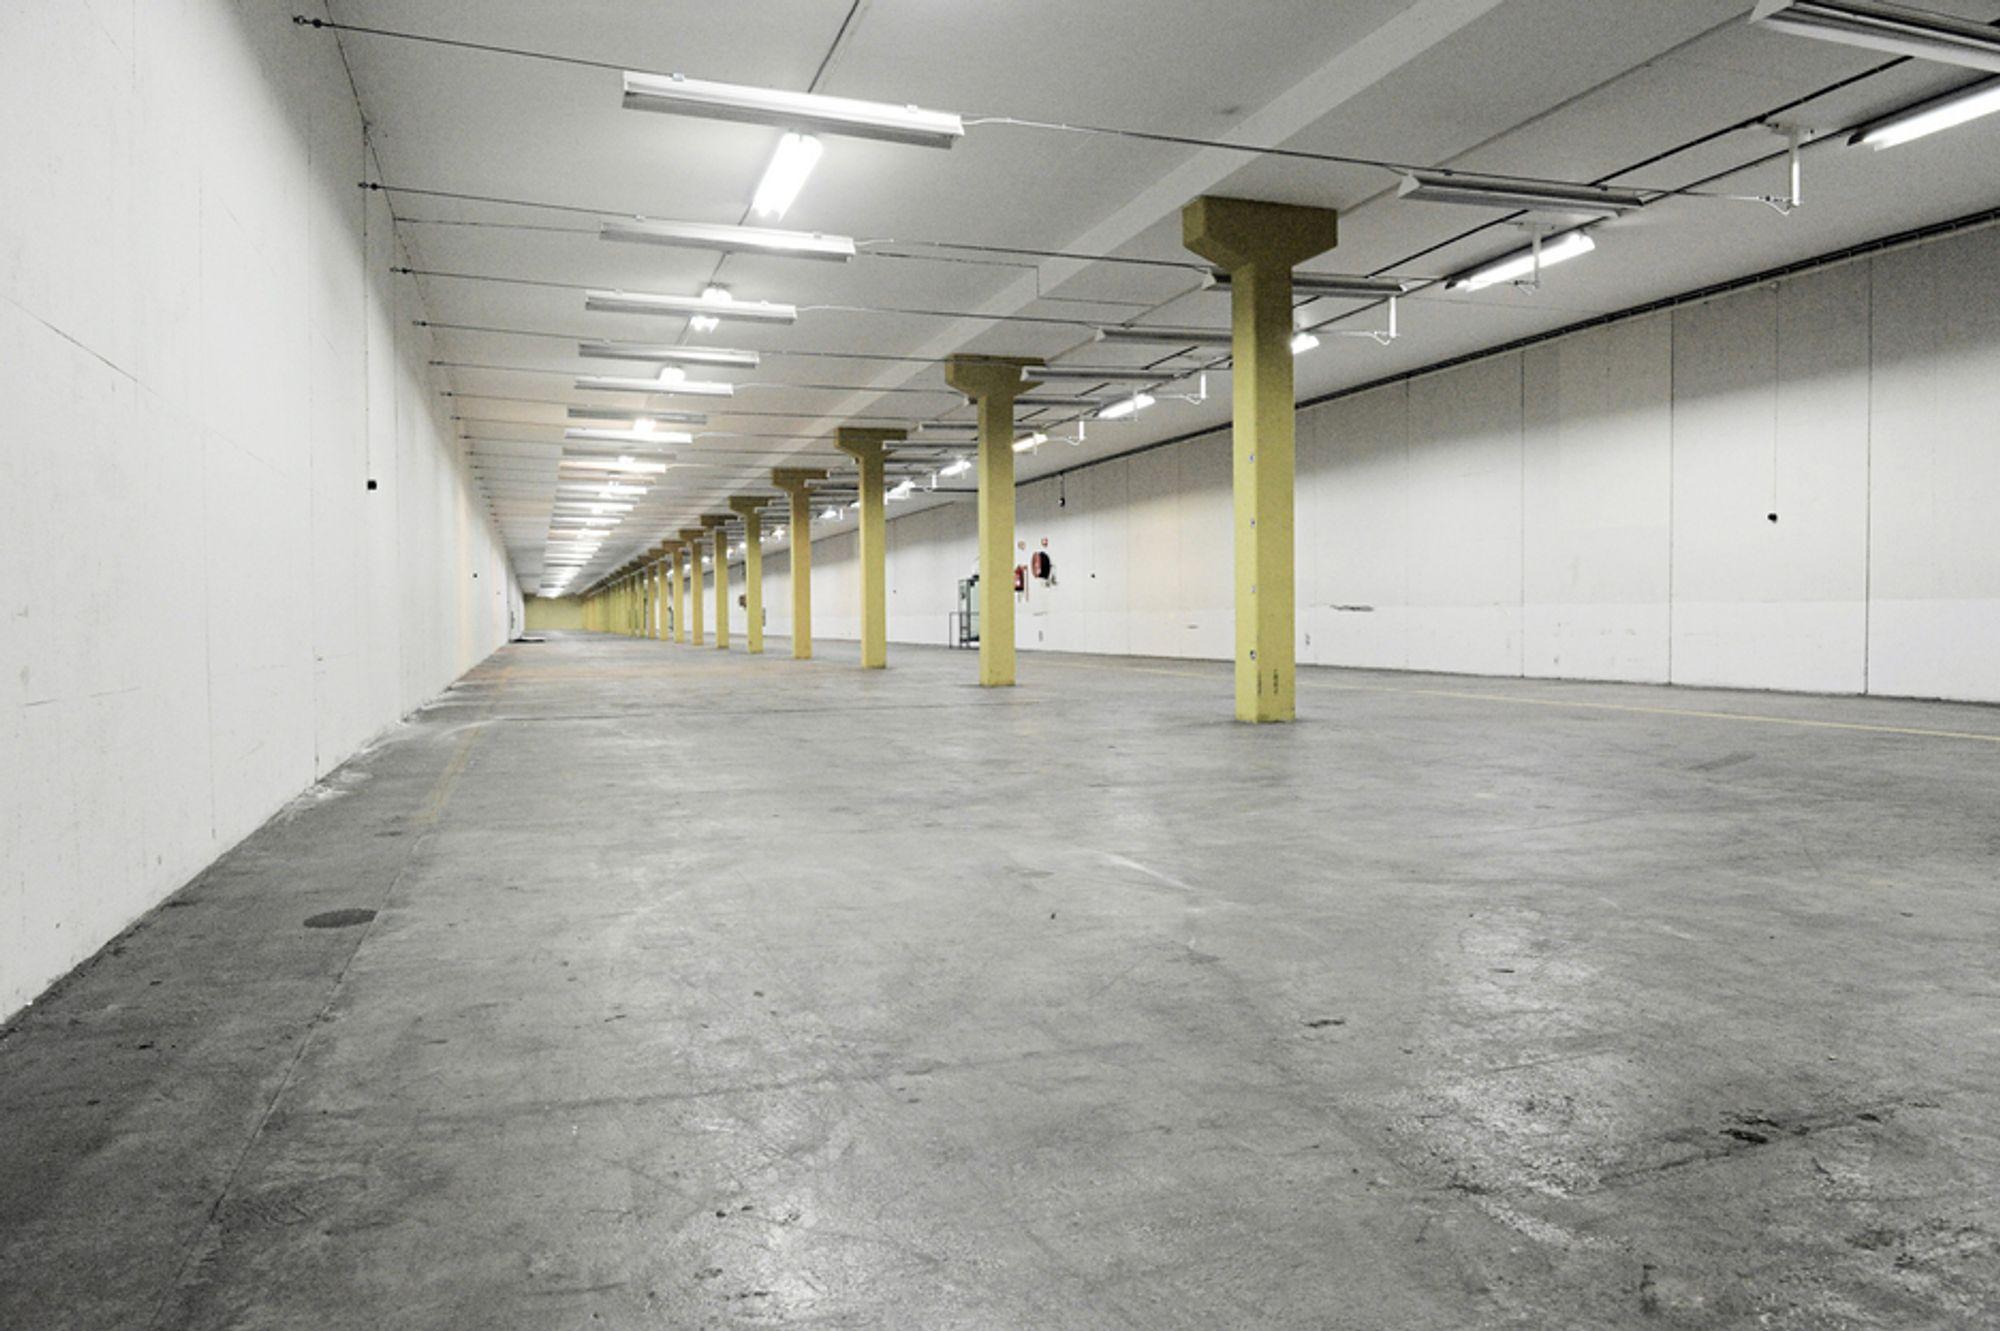 En av seks identiske lagerhaller. Lengden innover er på 165 meter, som tilsvarer halvannen langside på Ullevål. Tidligere var disse hallene et av landets største sykehus. Et alternativt bruksområde som ble vurdert er langdistansebowling.